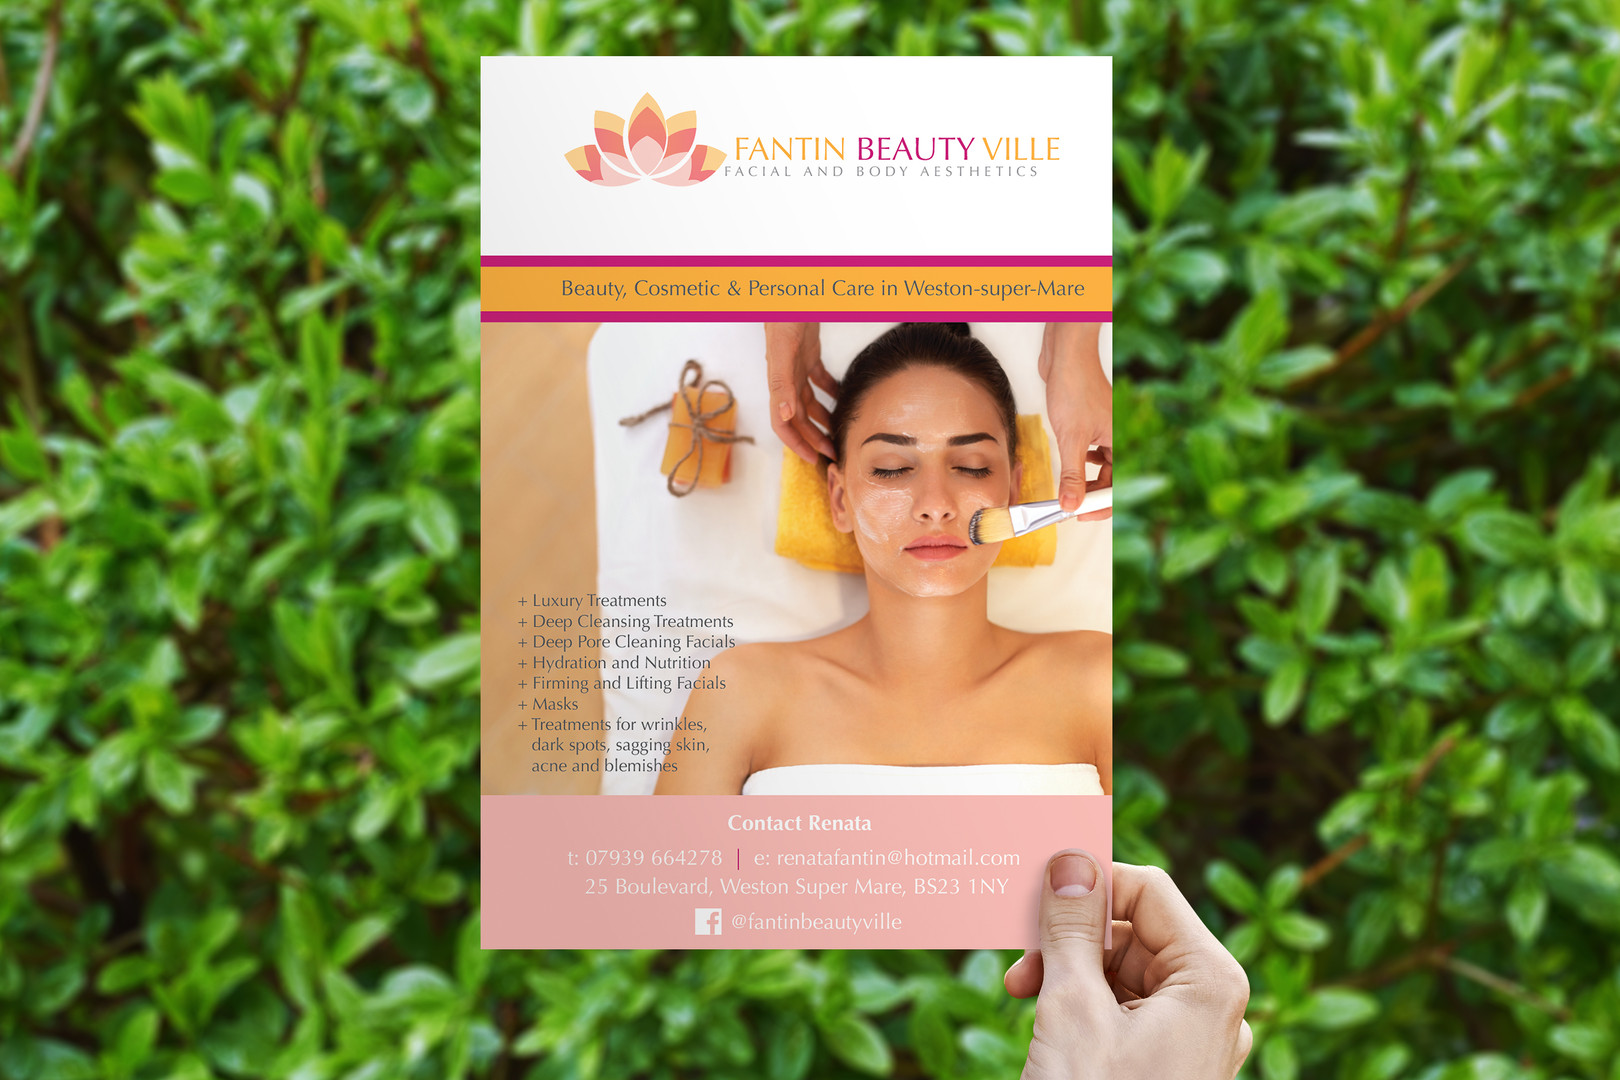 fantin-beauty-flyer.jpg